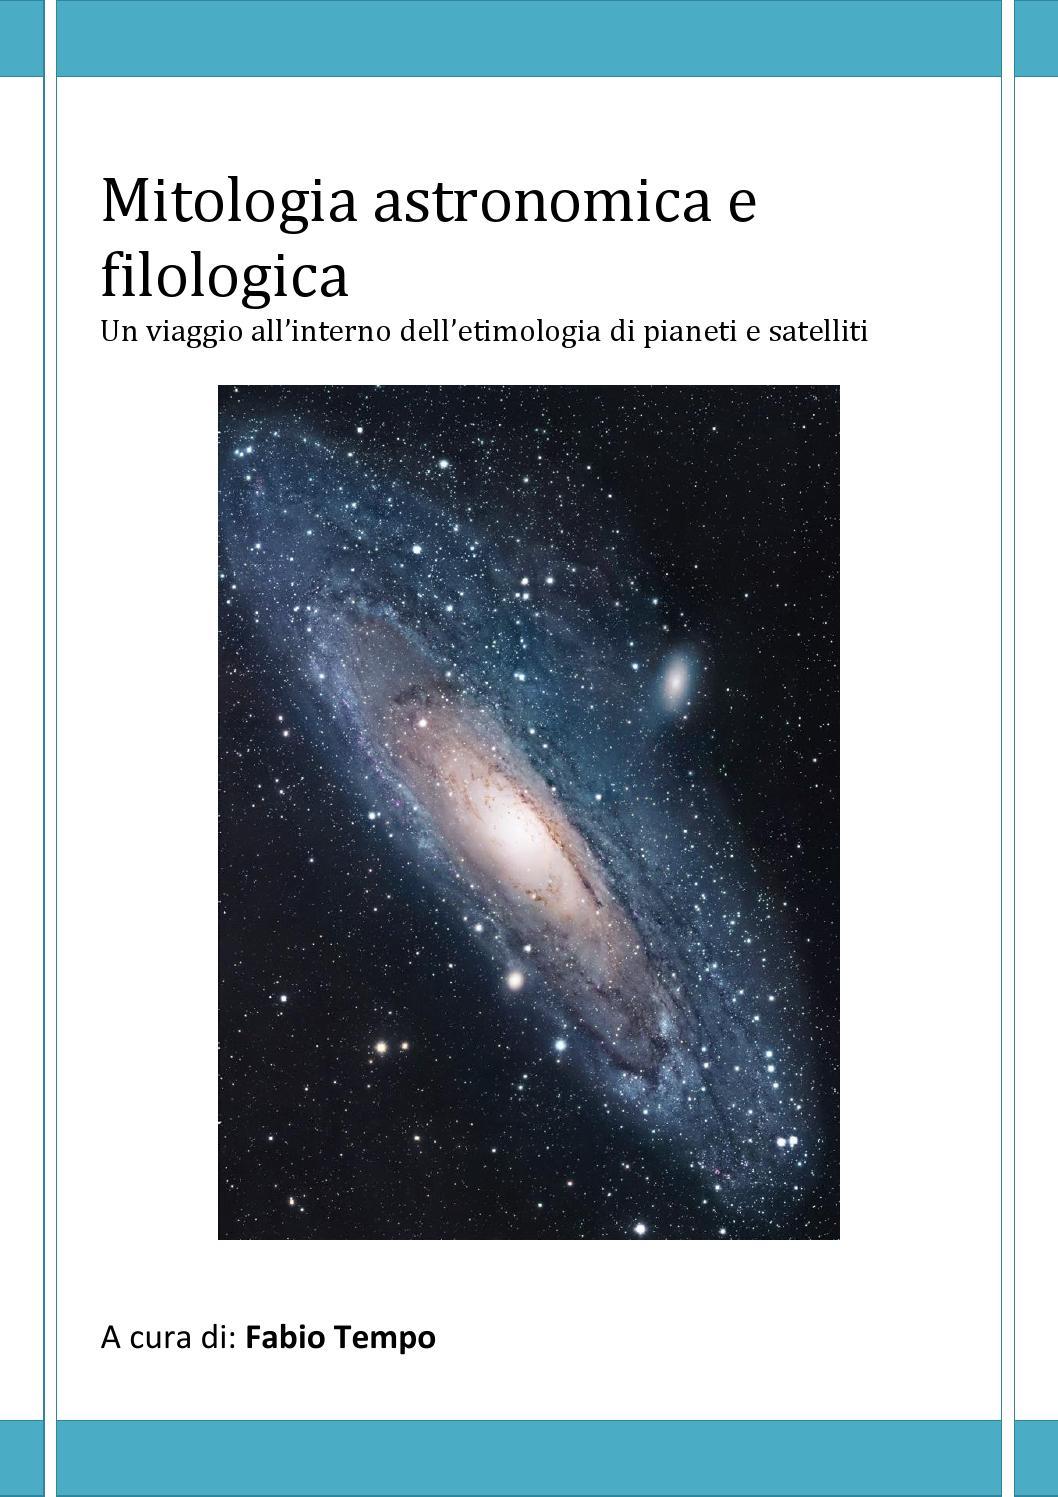 mitologia astronomica e filologica a cura di fabio tempo